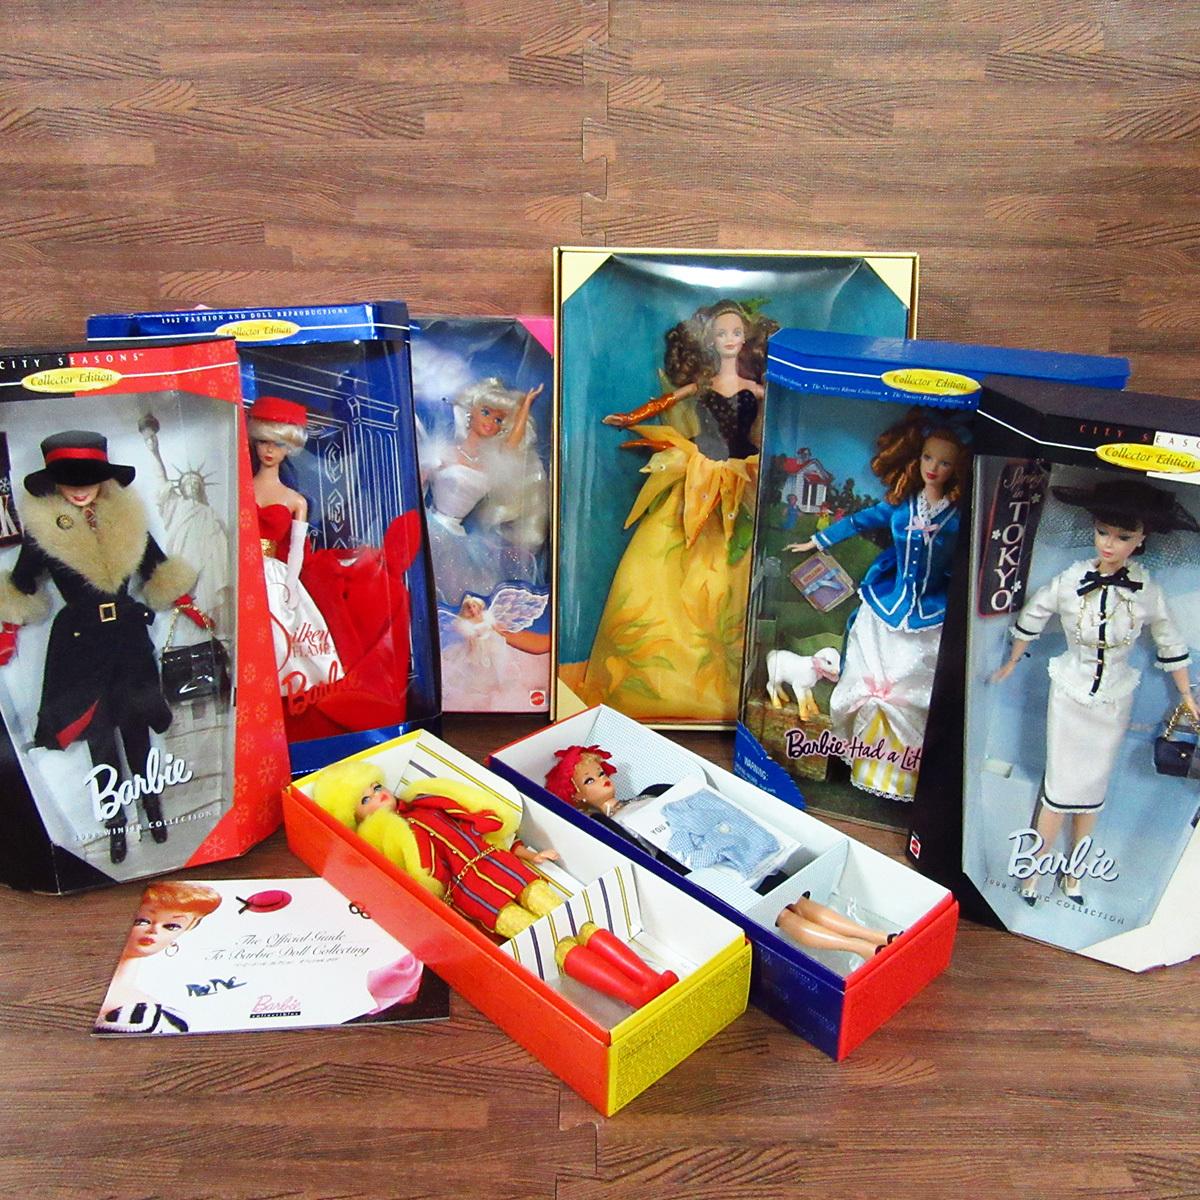 未使用 箱入り Barbie バービー 8点セット MATTEL マテル ドール 人形 8体 まとめ 玩具 東E